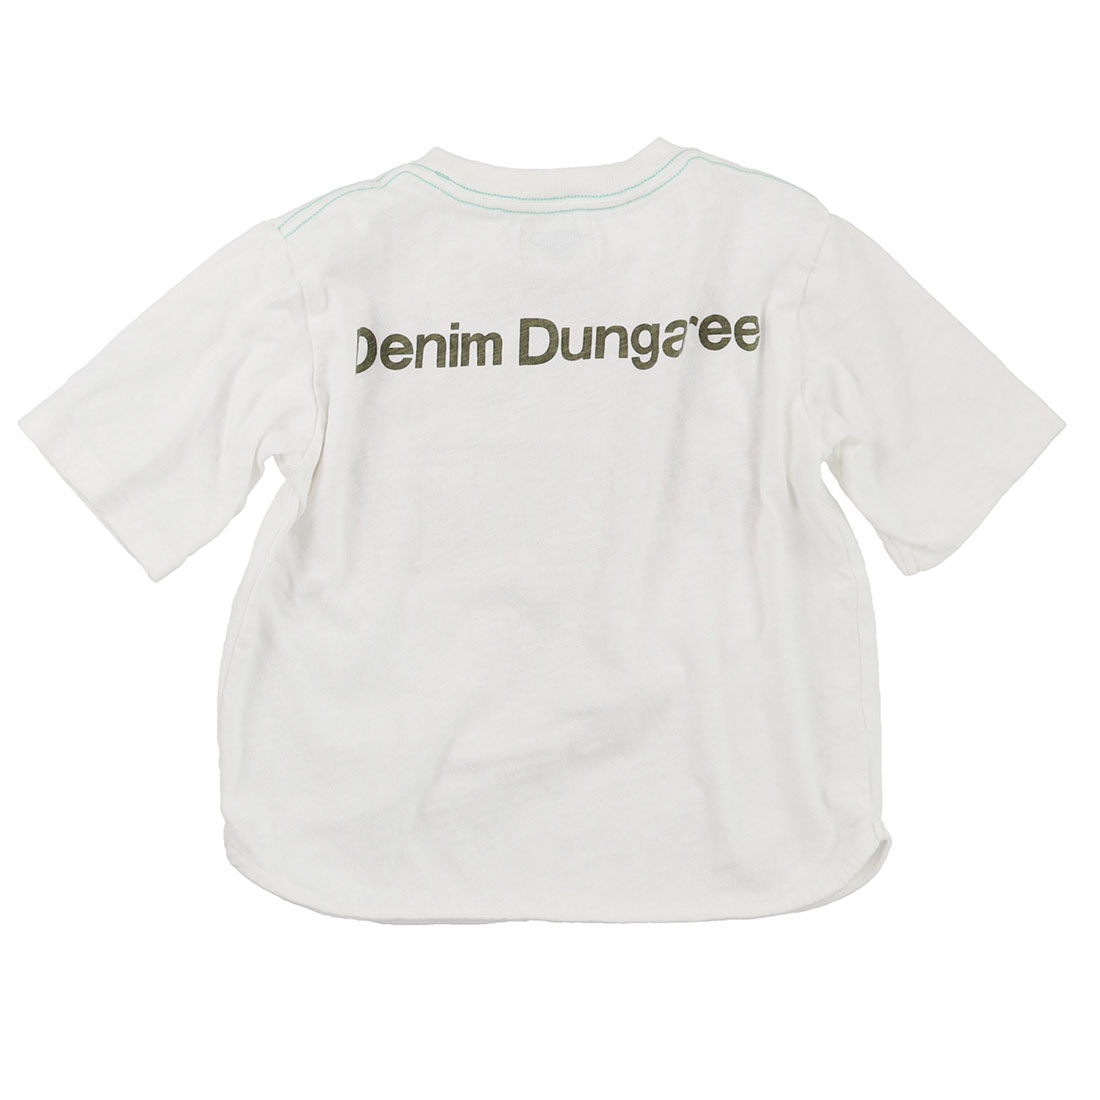 デニム&ダンガリー DENIM DUNGAREE D&D READY TEE(100cm 110cm 120cm)【メール便可】712417